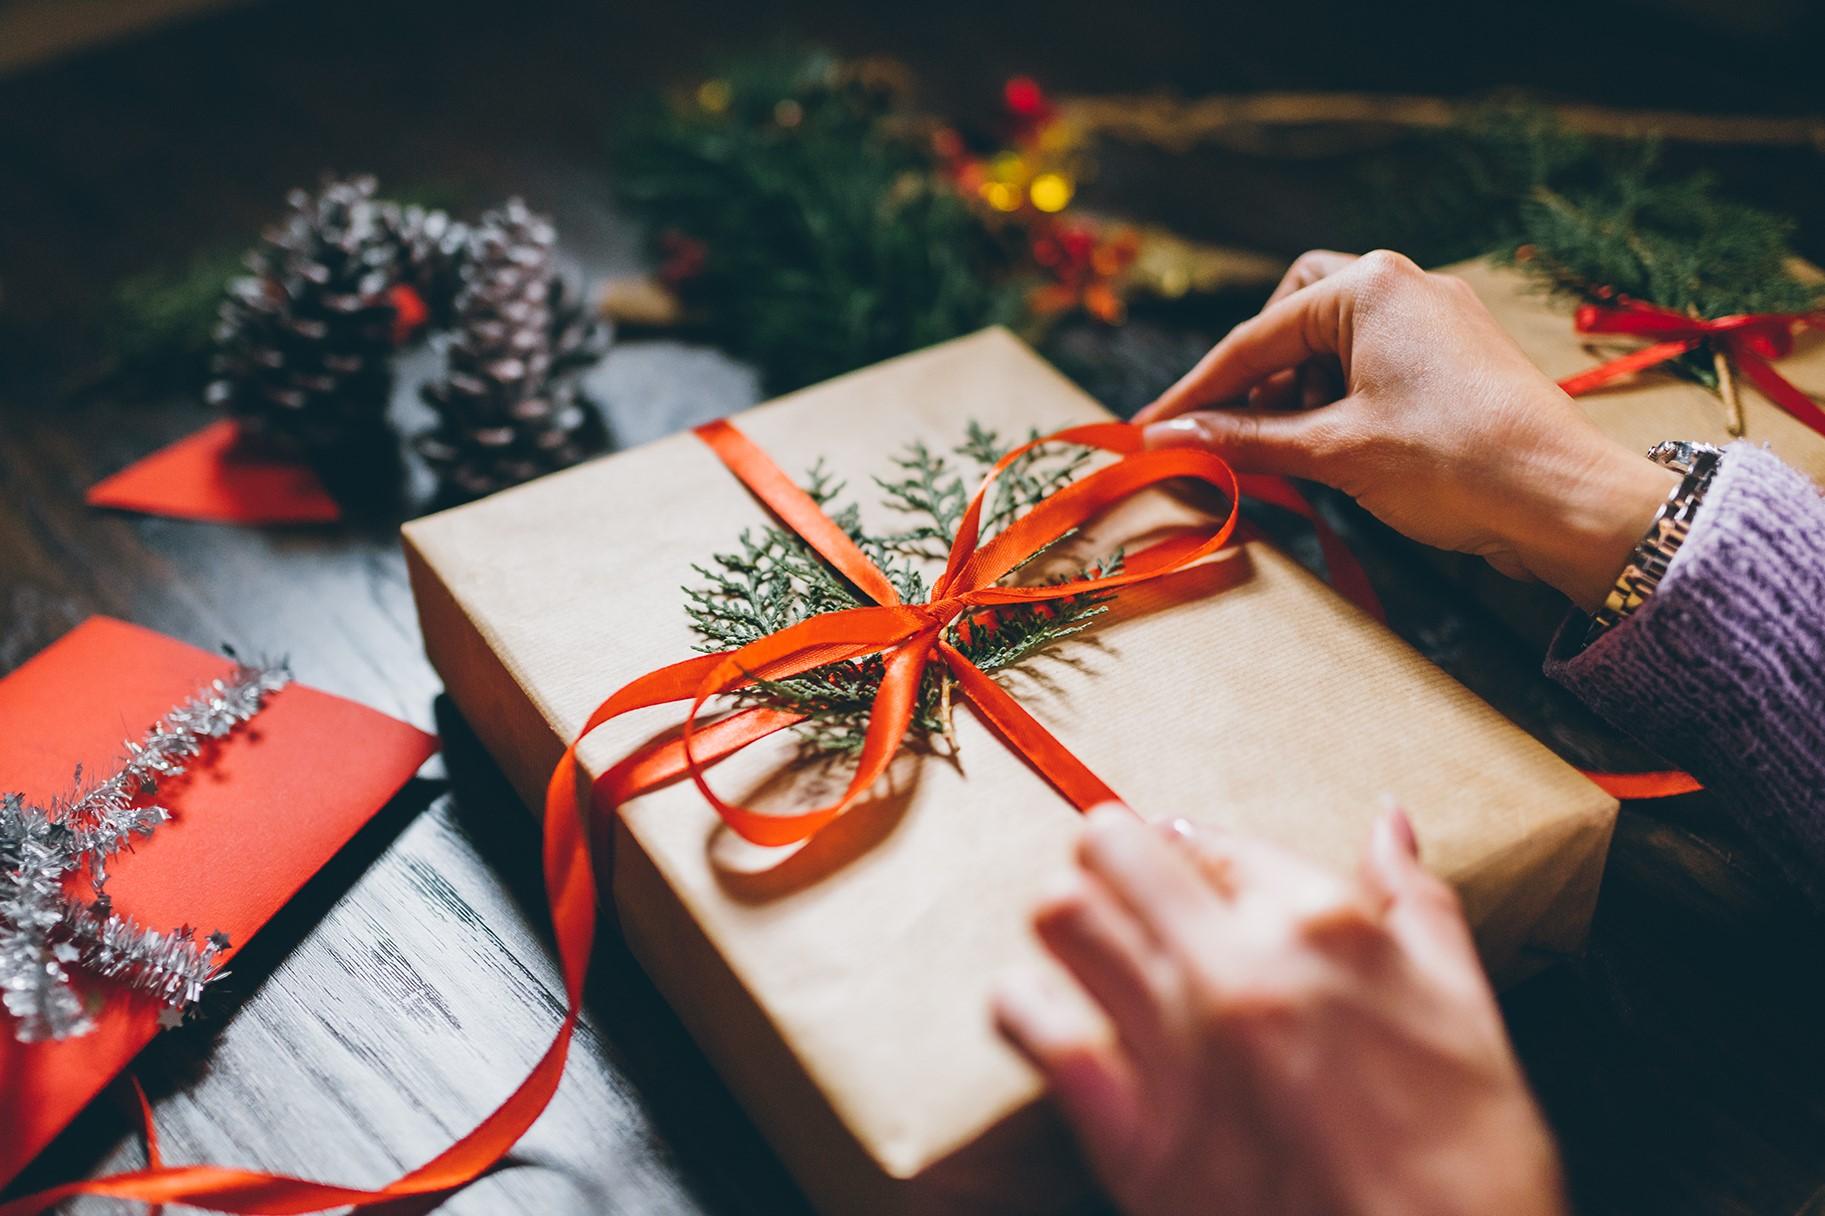 Emballage cadeau de Noël décoré avec des feuilles persistantes.